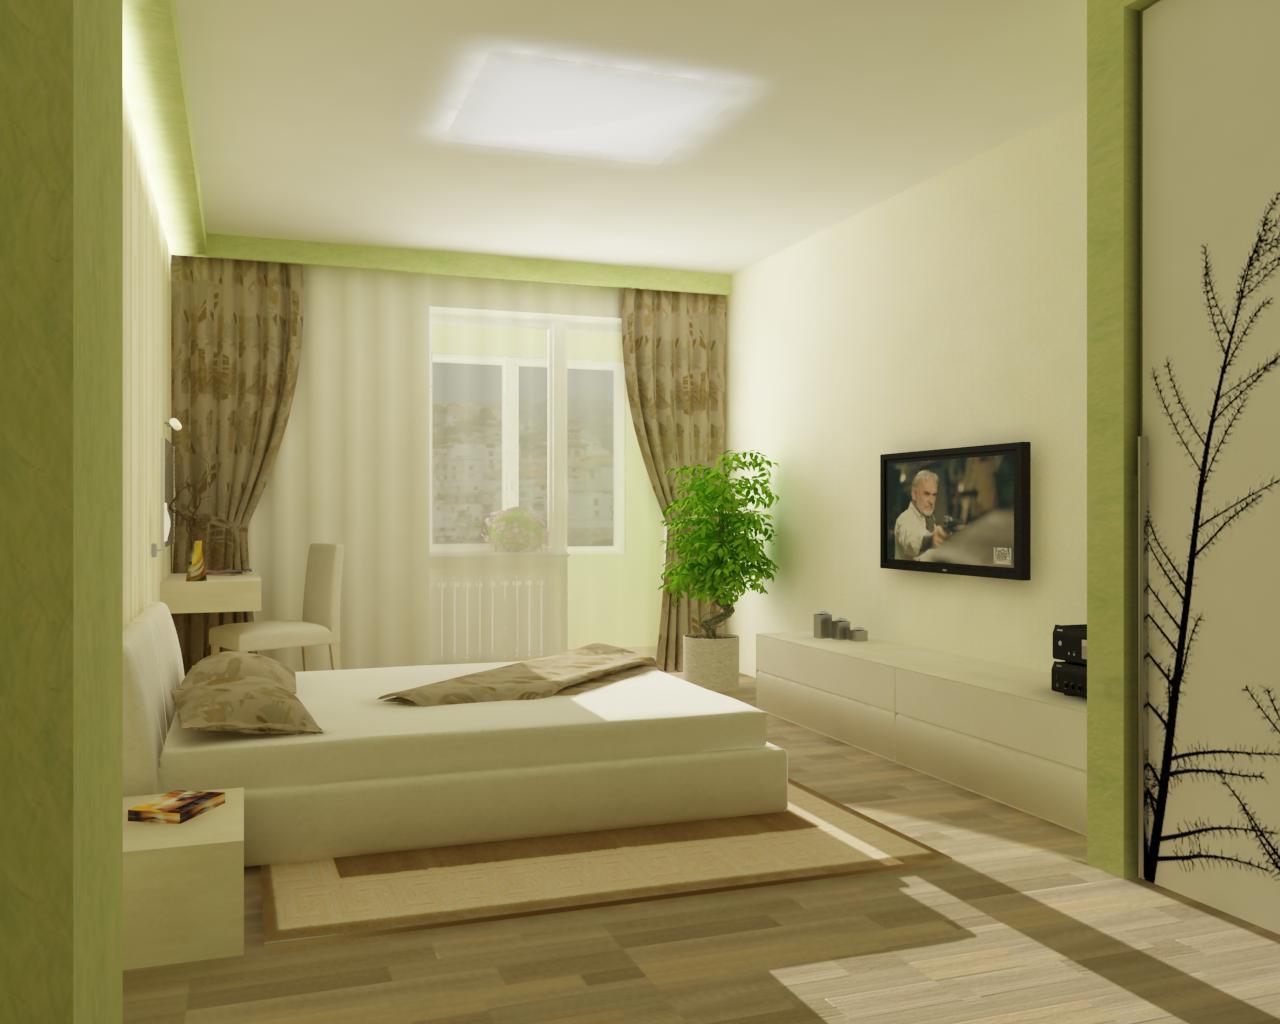 спальня минимализм в оливковом цвете